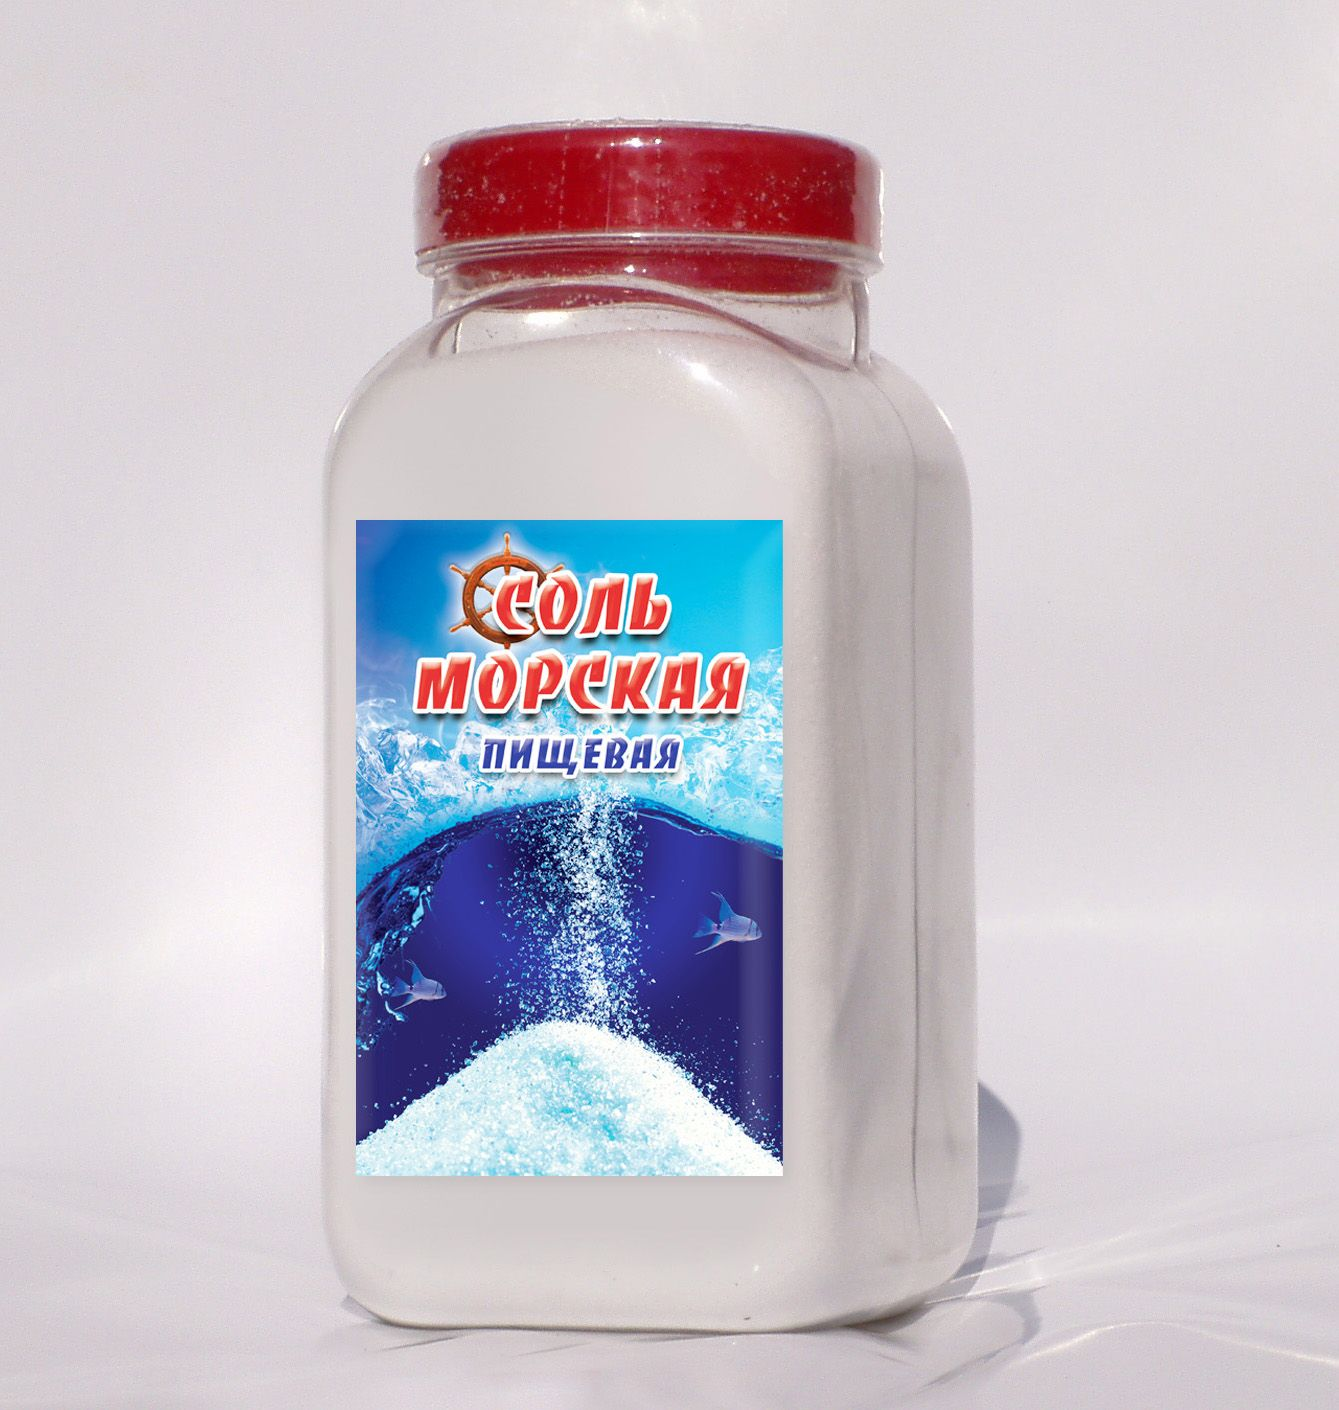 Дизайн этикетки для соли пищевой морской  - дизайнер Scorp